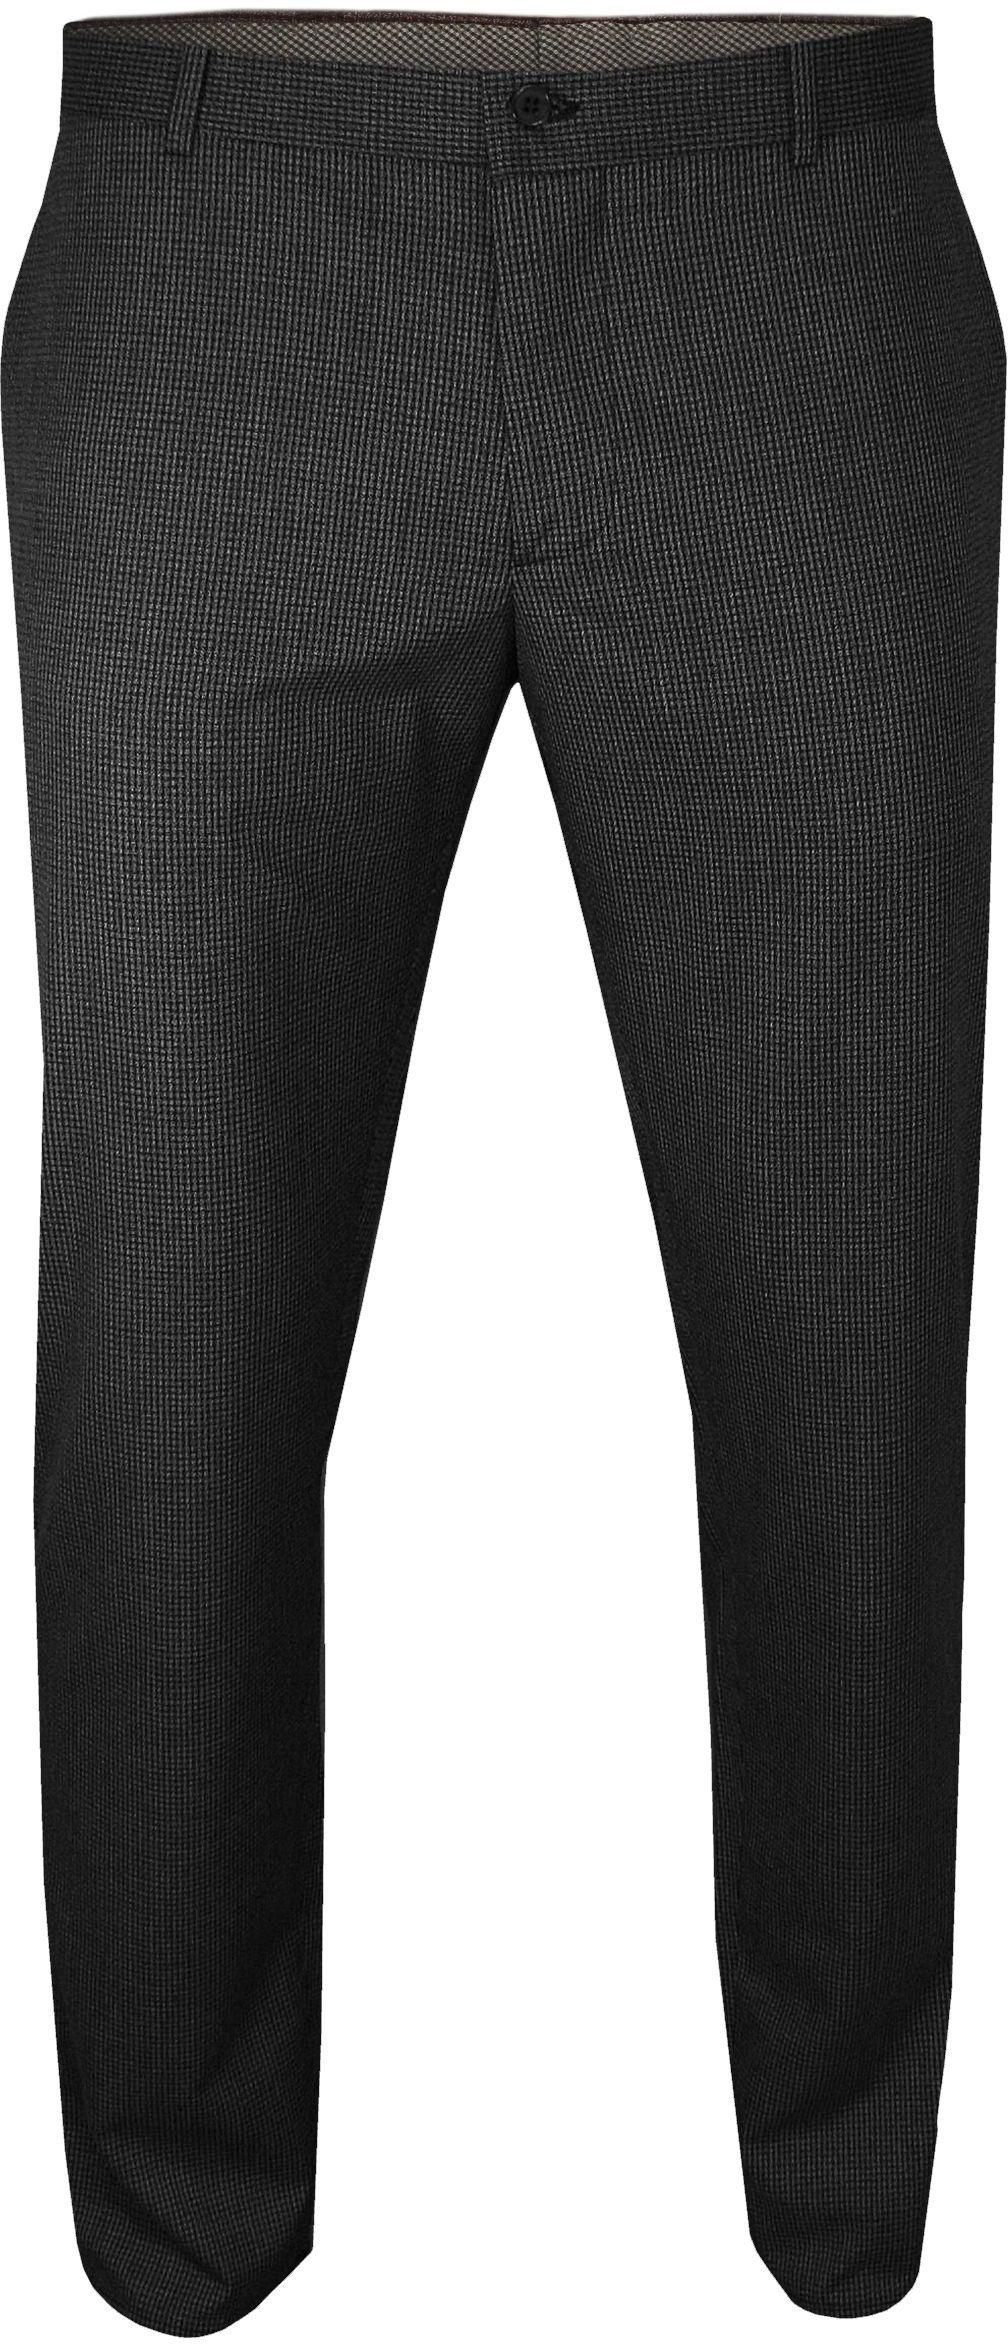 Czarne Eleganckie Casualowe Spodnie Męskie -RIGON- Zwężane, Chinosy, w Drobną Pepitkę, Cienkie SPRGNpepitka06czarne